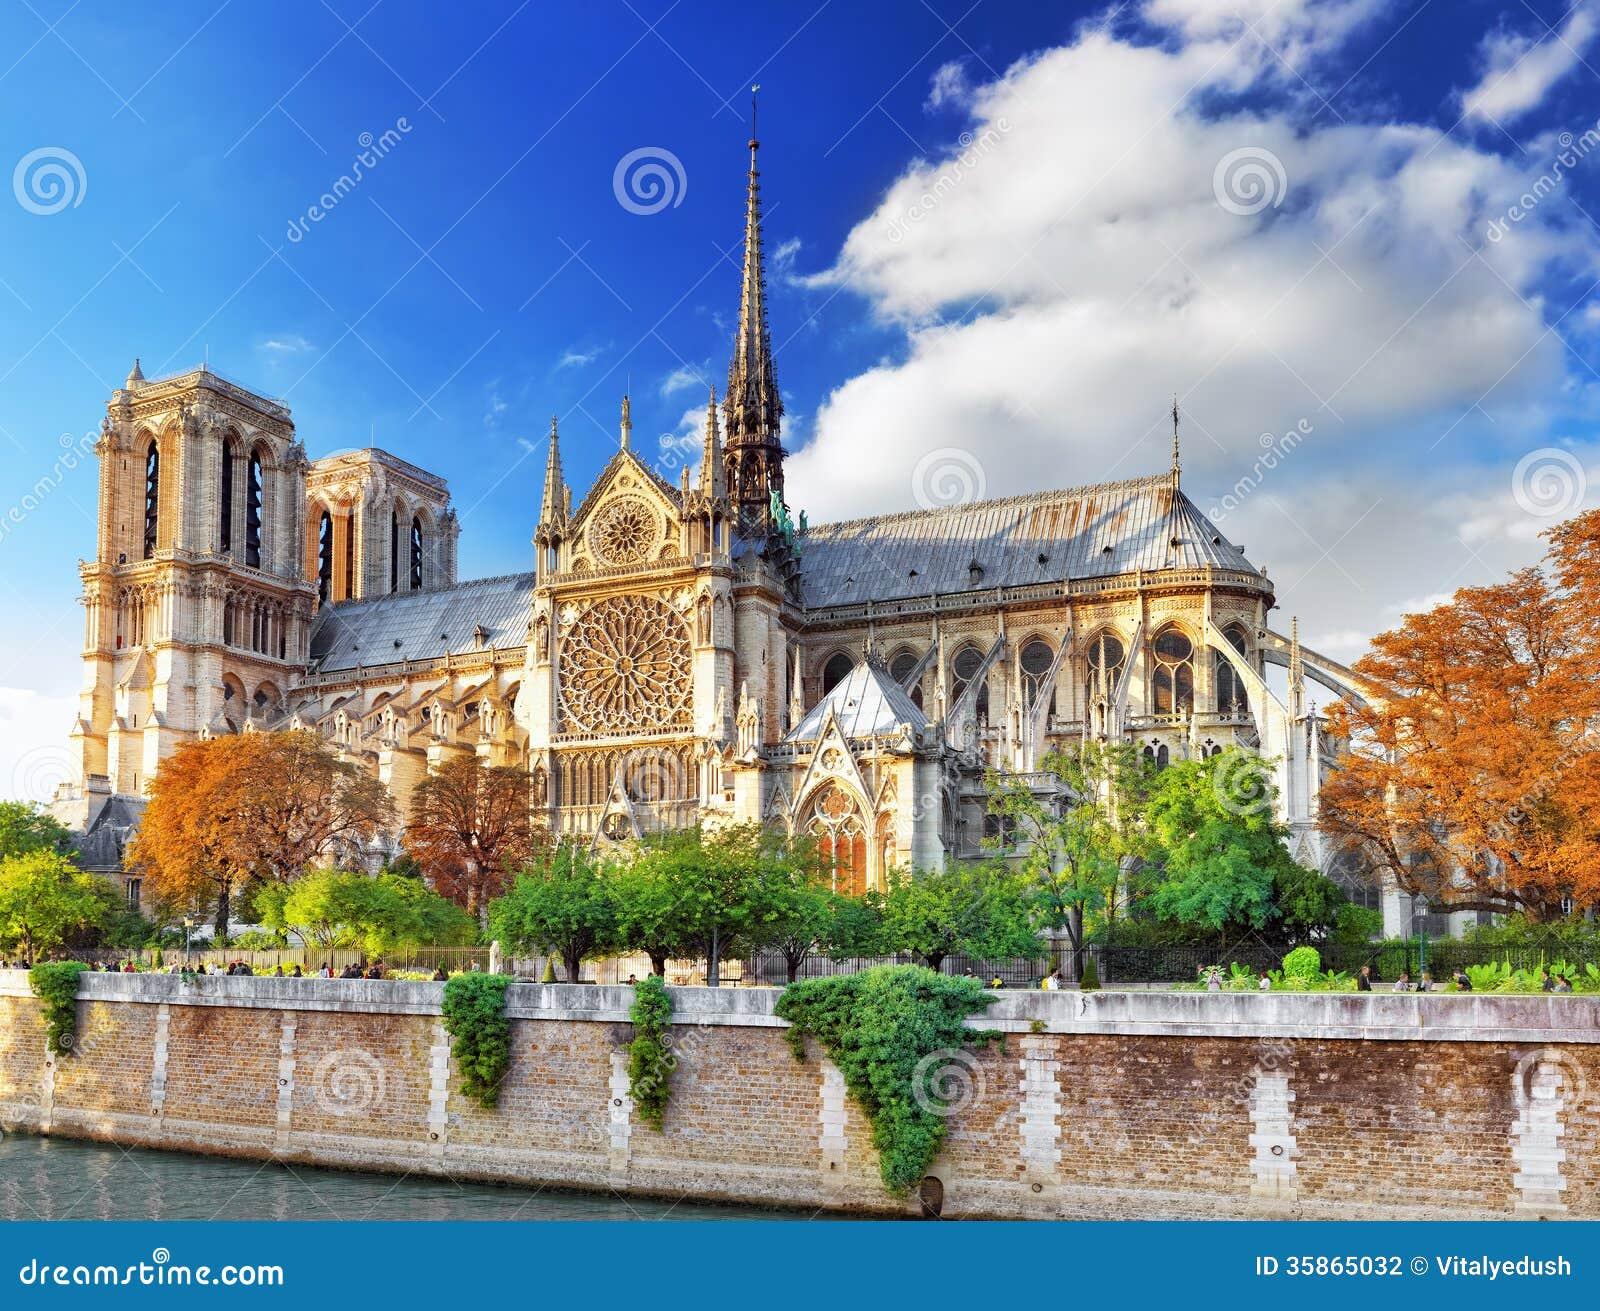 巴黎圣母院大教堂.